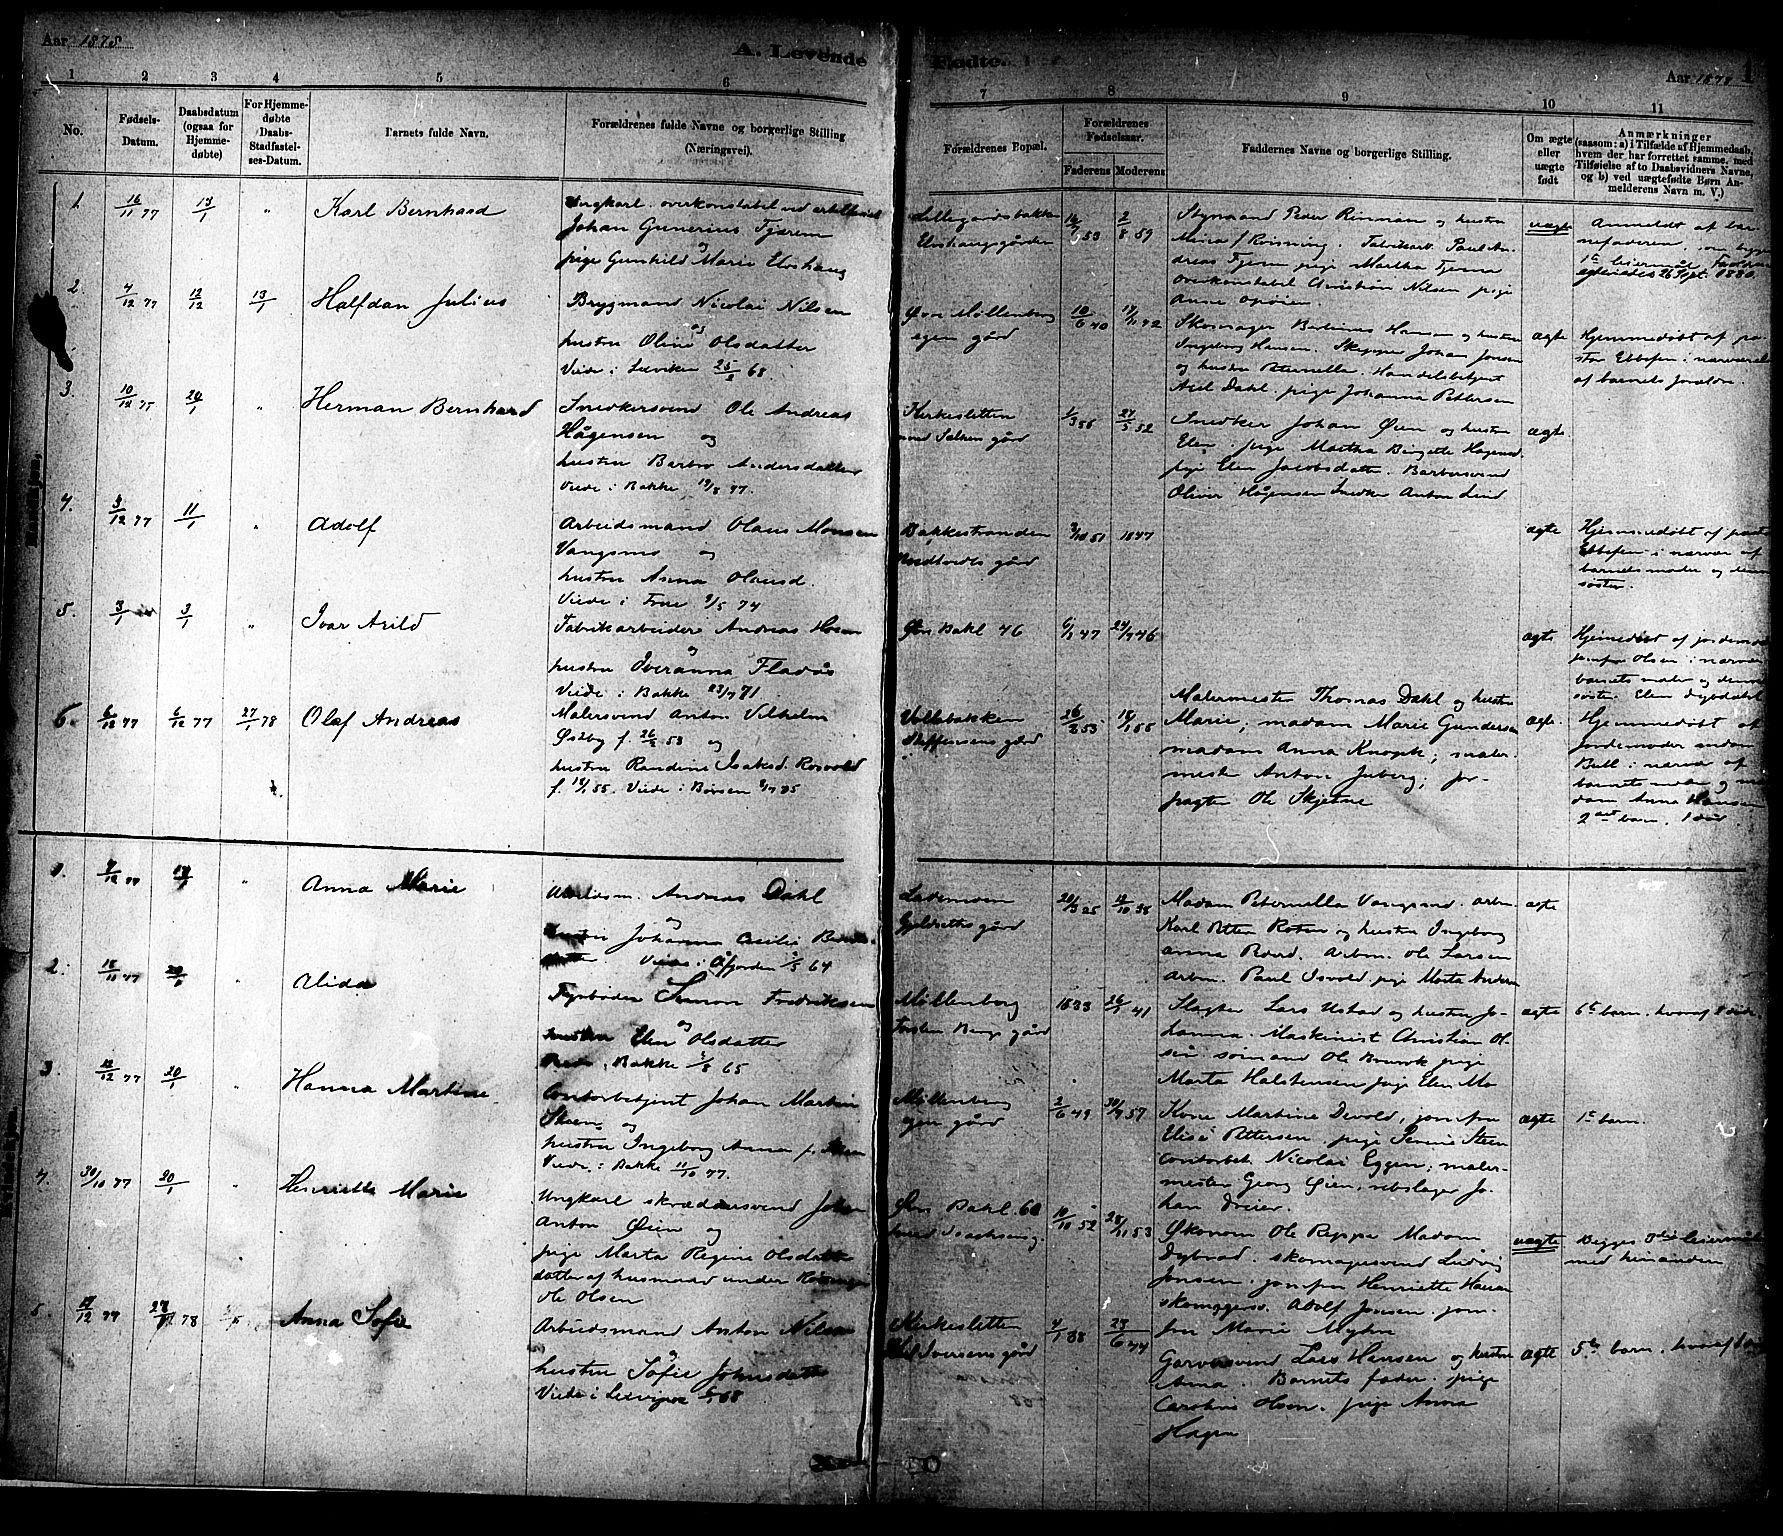 SAT, Ministerialprotokoller, klokkerbøker og fødselsregistre - Sør-Trøndelag, 604/L0188: Ministerialbok nr. 604A09, 1878-1892, s. 1